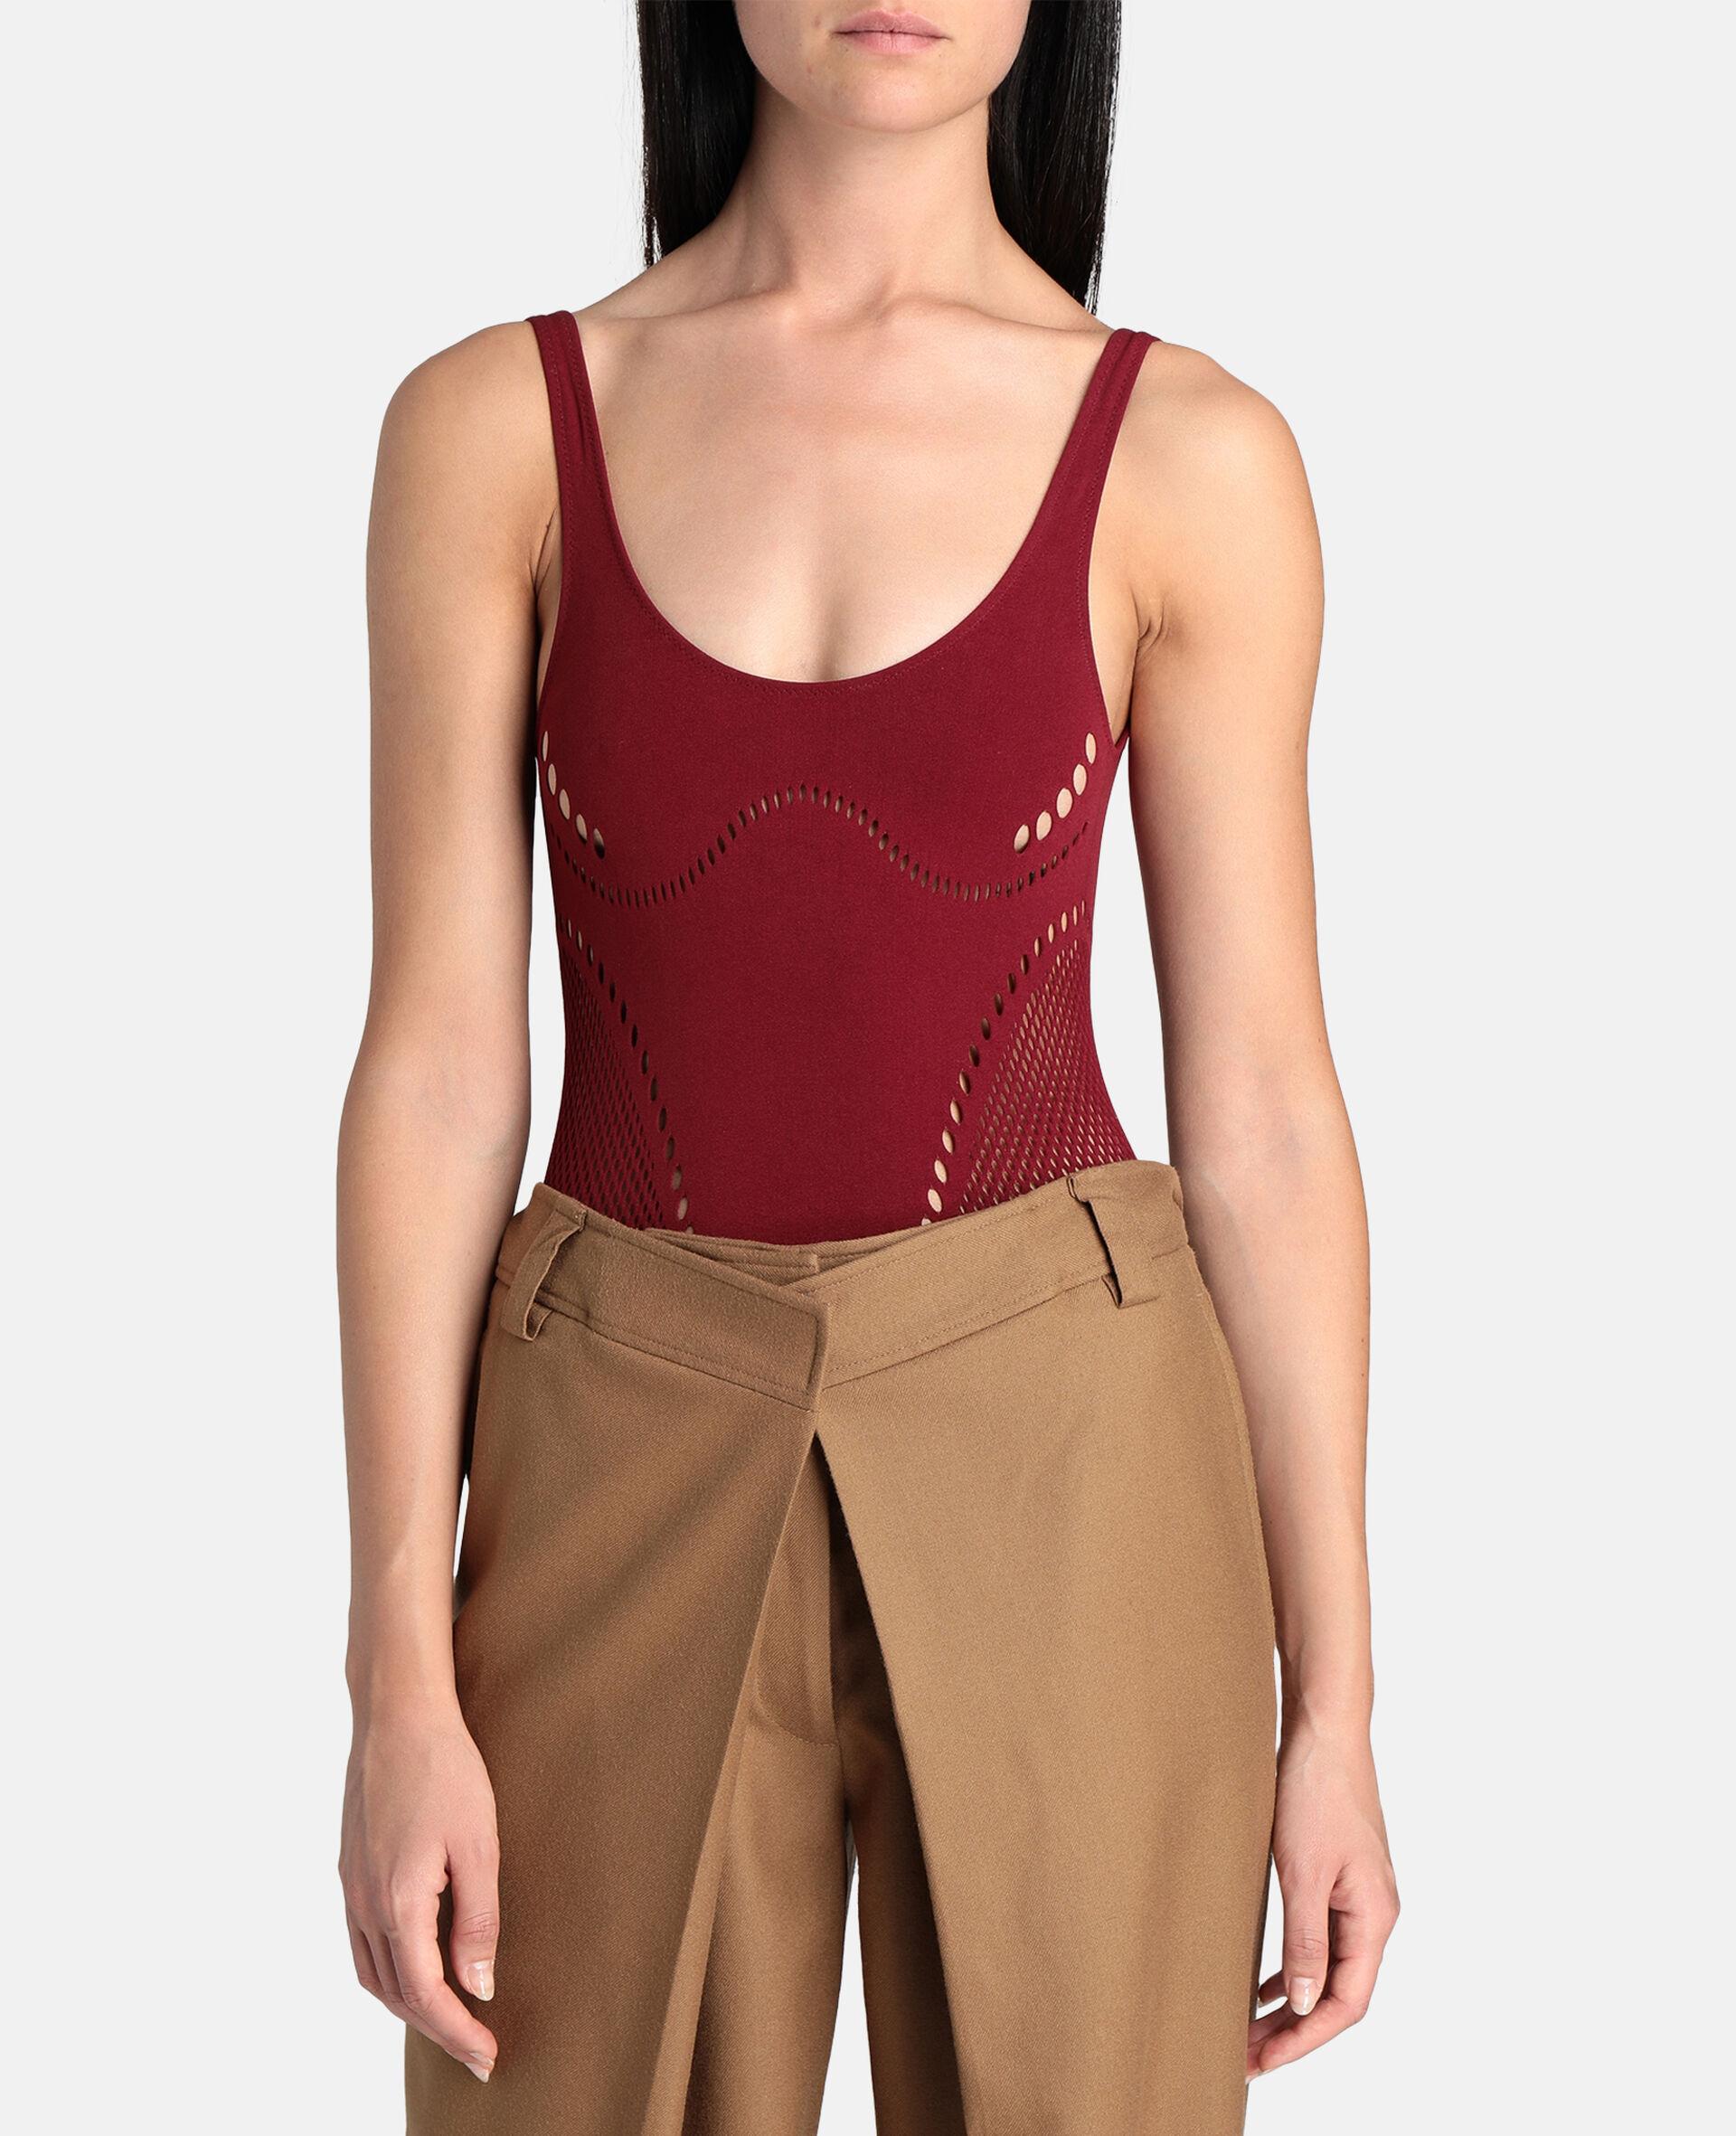 Body Stellawear-Rose-large image number 3